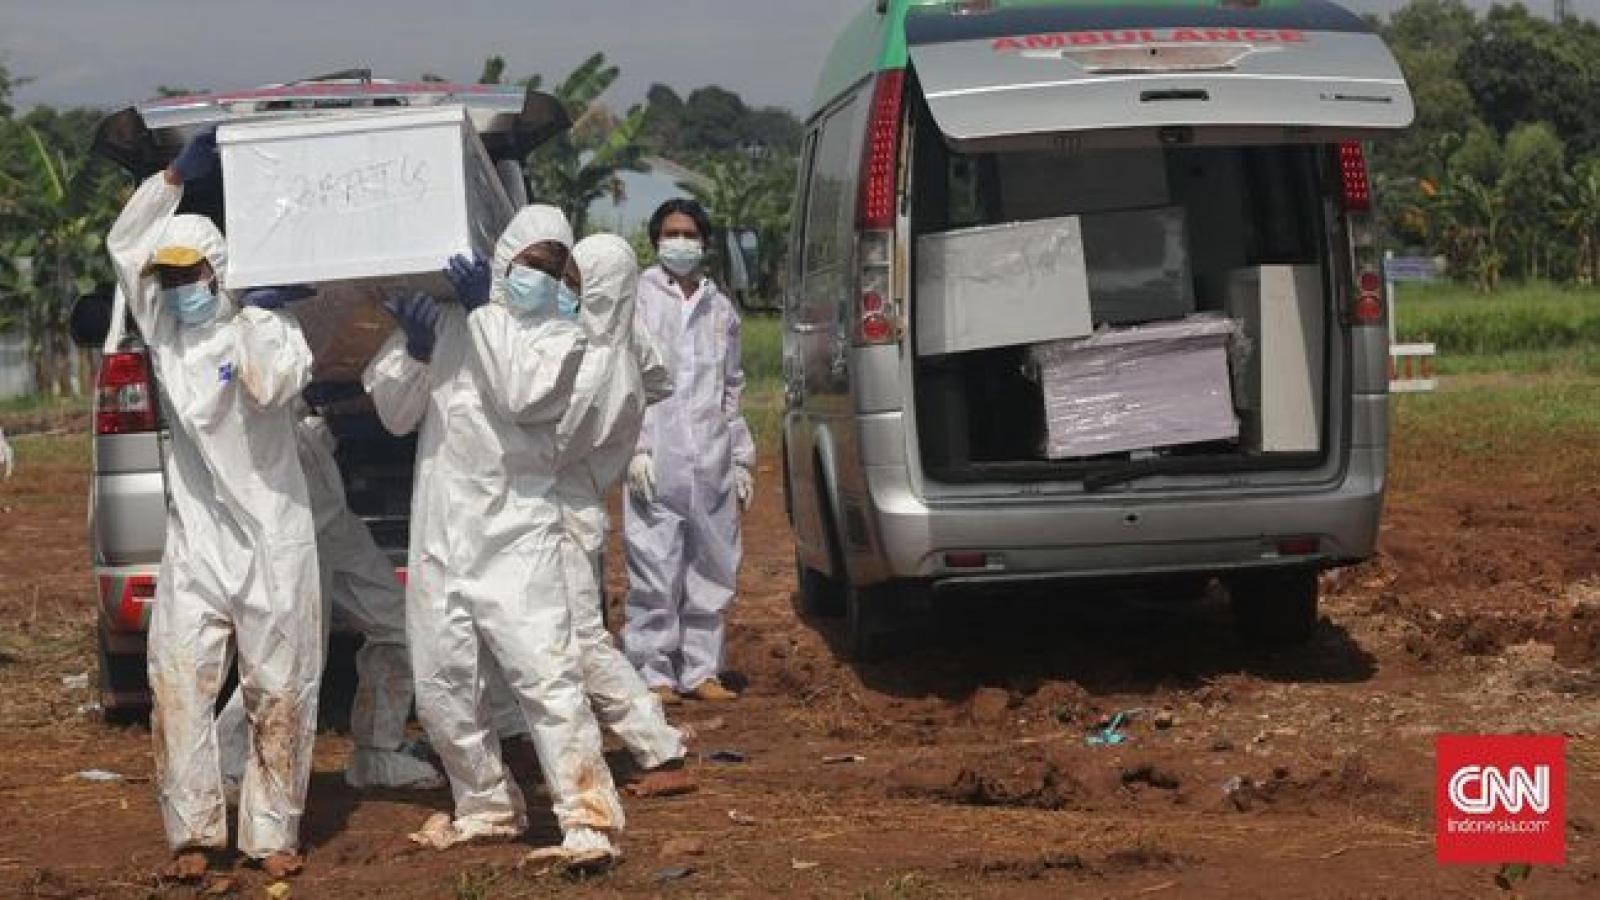 Ca tử vong do Covid-19 ở Indonesia tăng kỷ lục, số bác sĩ chết tăng 100%